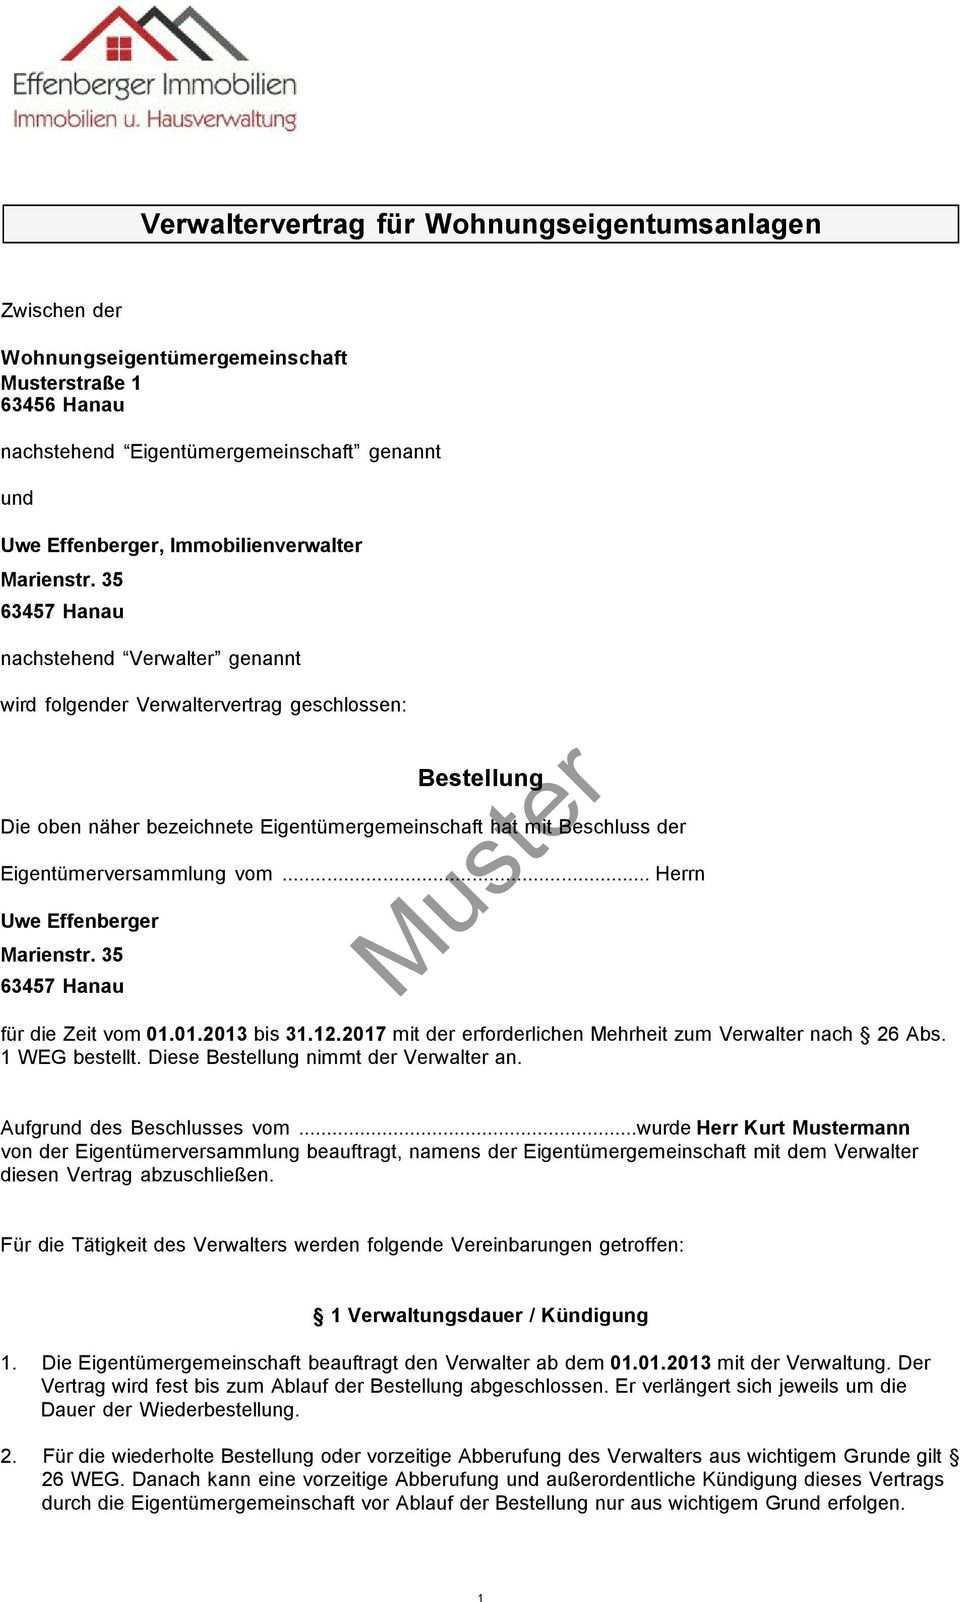 Verwaltervertrag Fur Wohnungseigentumsanlagen Muster Bestellung Pdf Kostenfreier Download